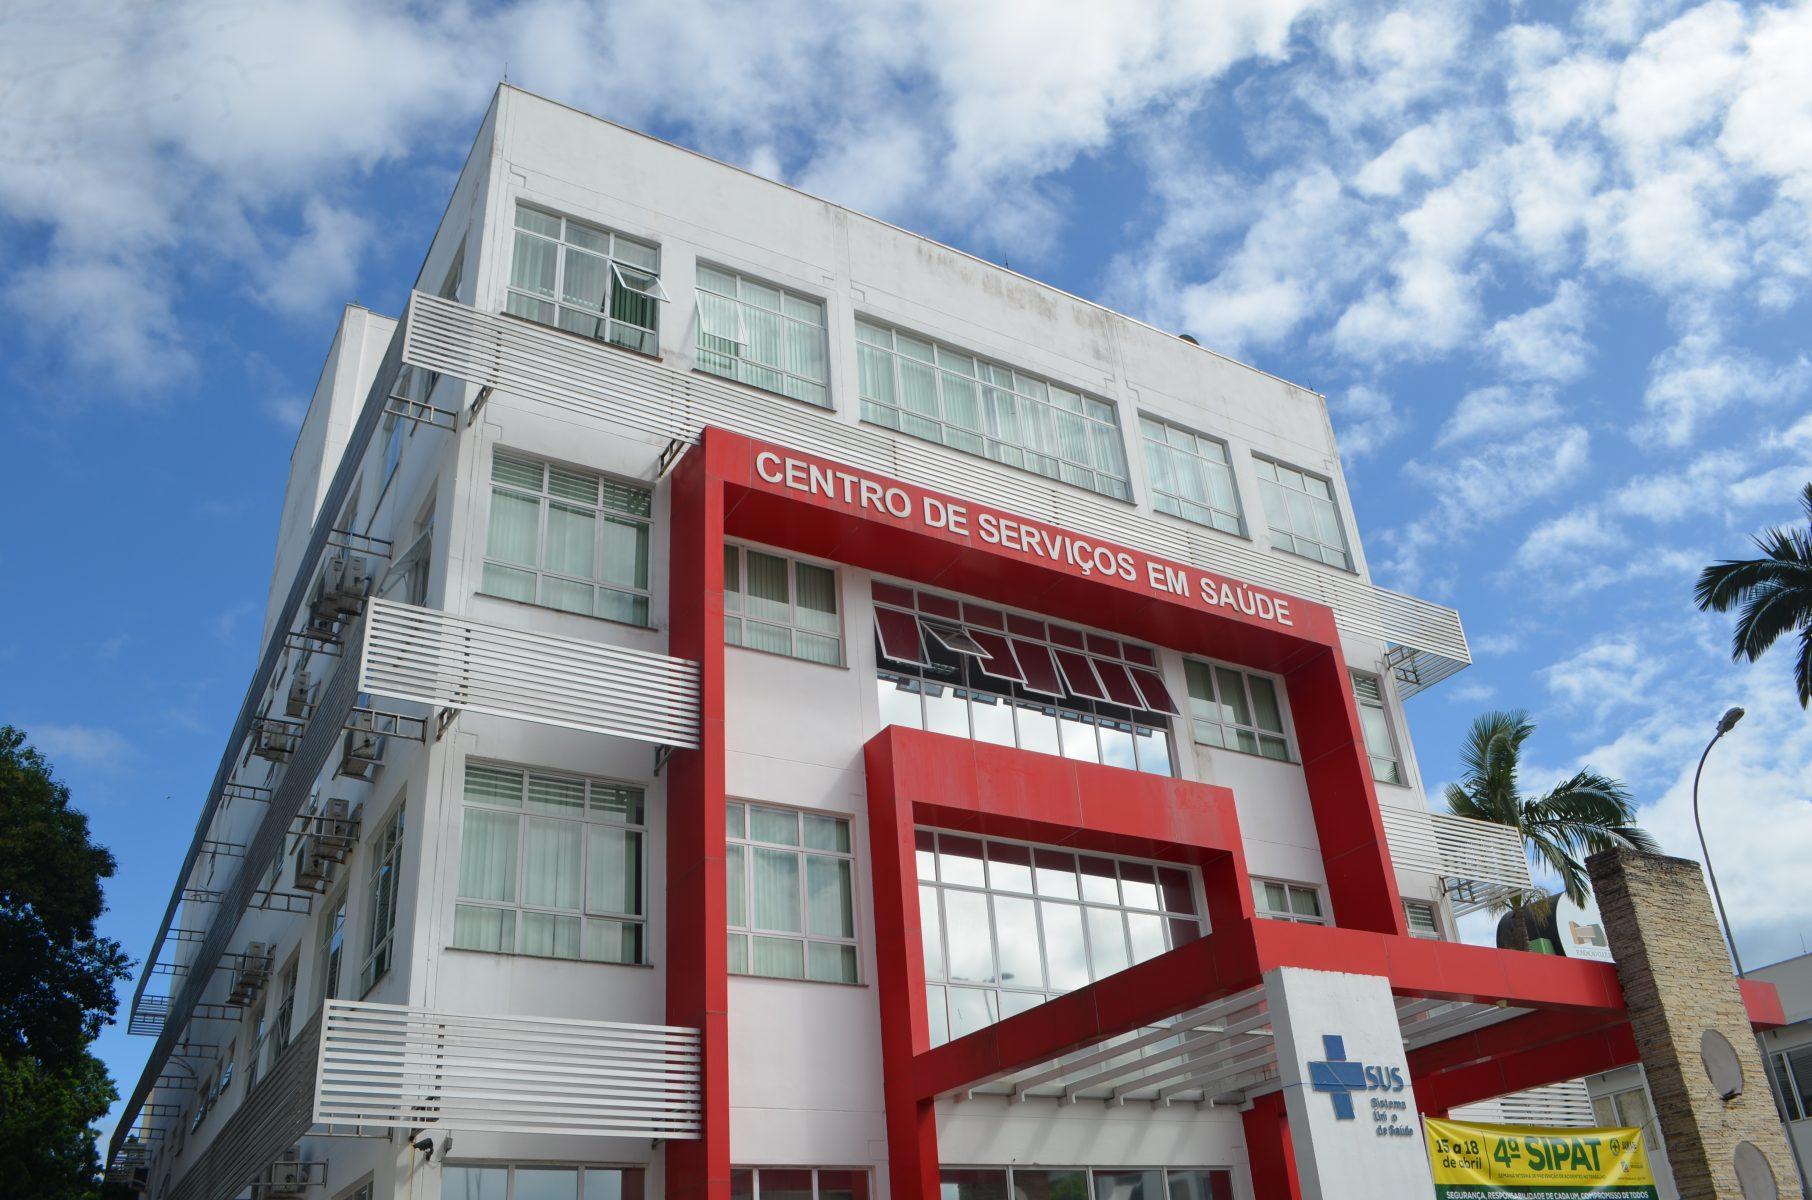 Eleição de novos membros e diretoria do Conselho Municipal de Saúde será em 20 de novembro